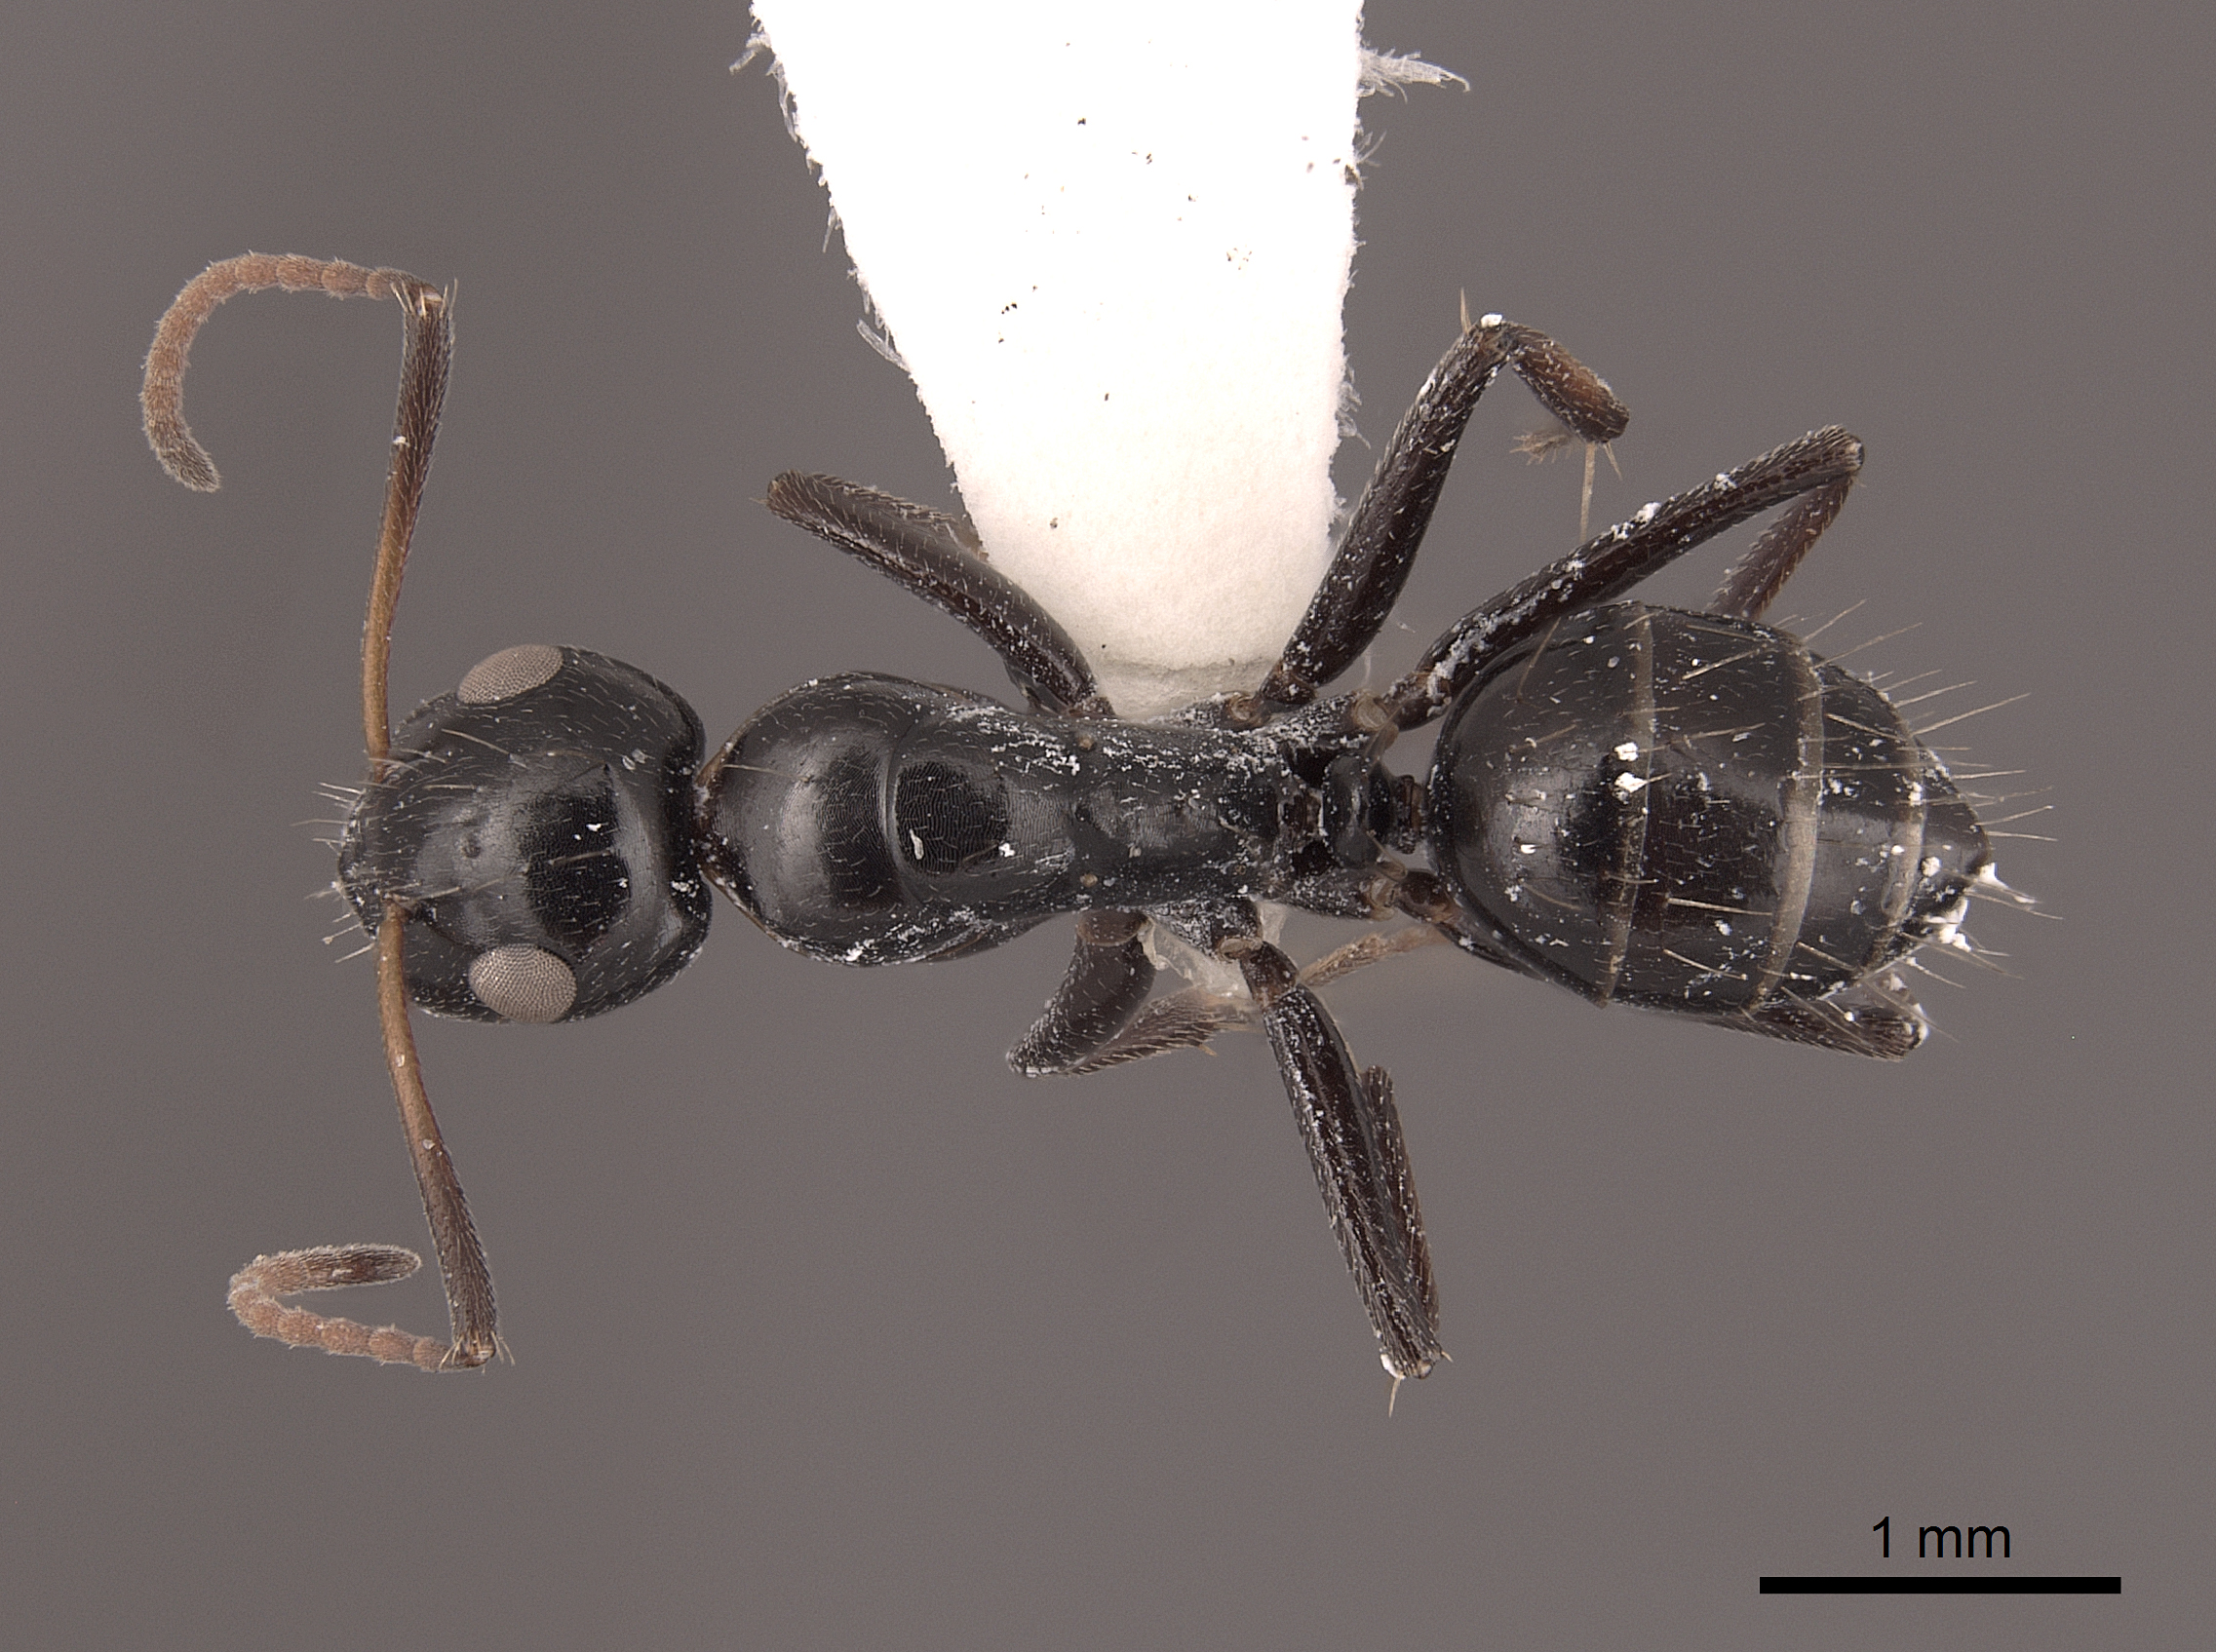 Image of Camponotus reticulatus